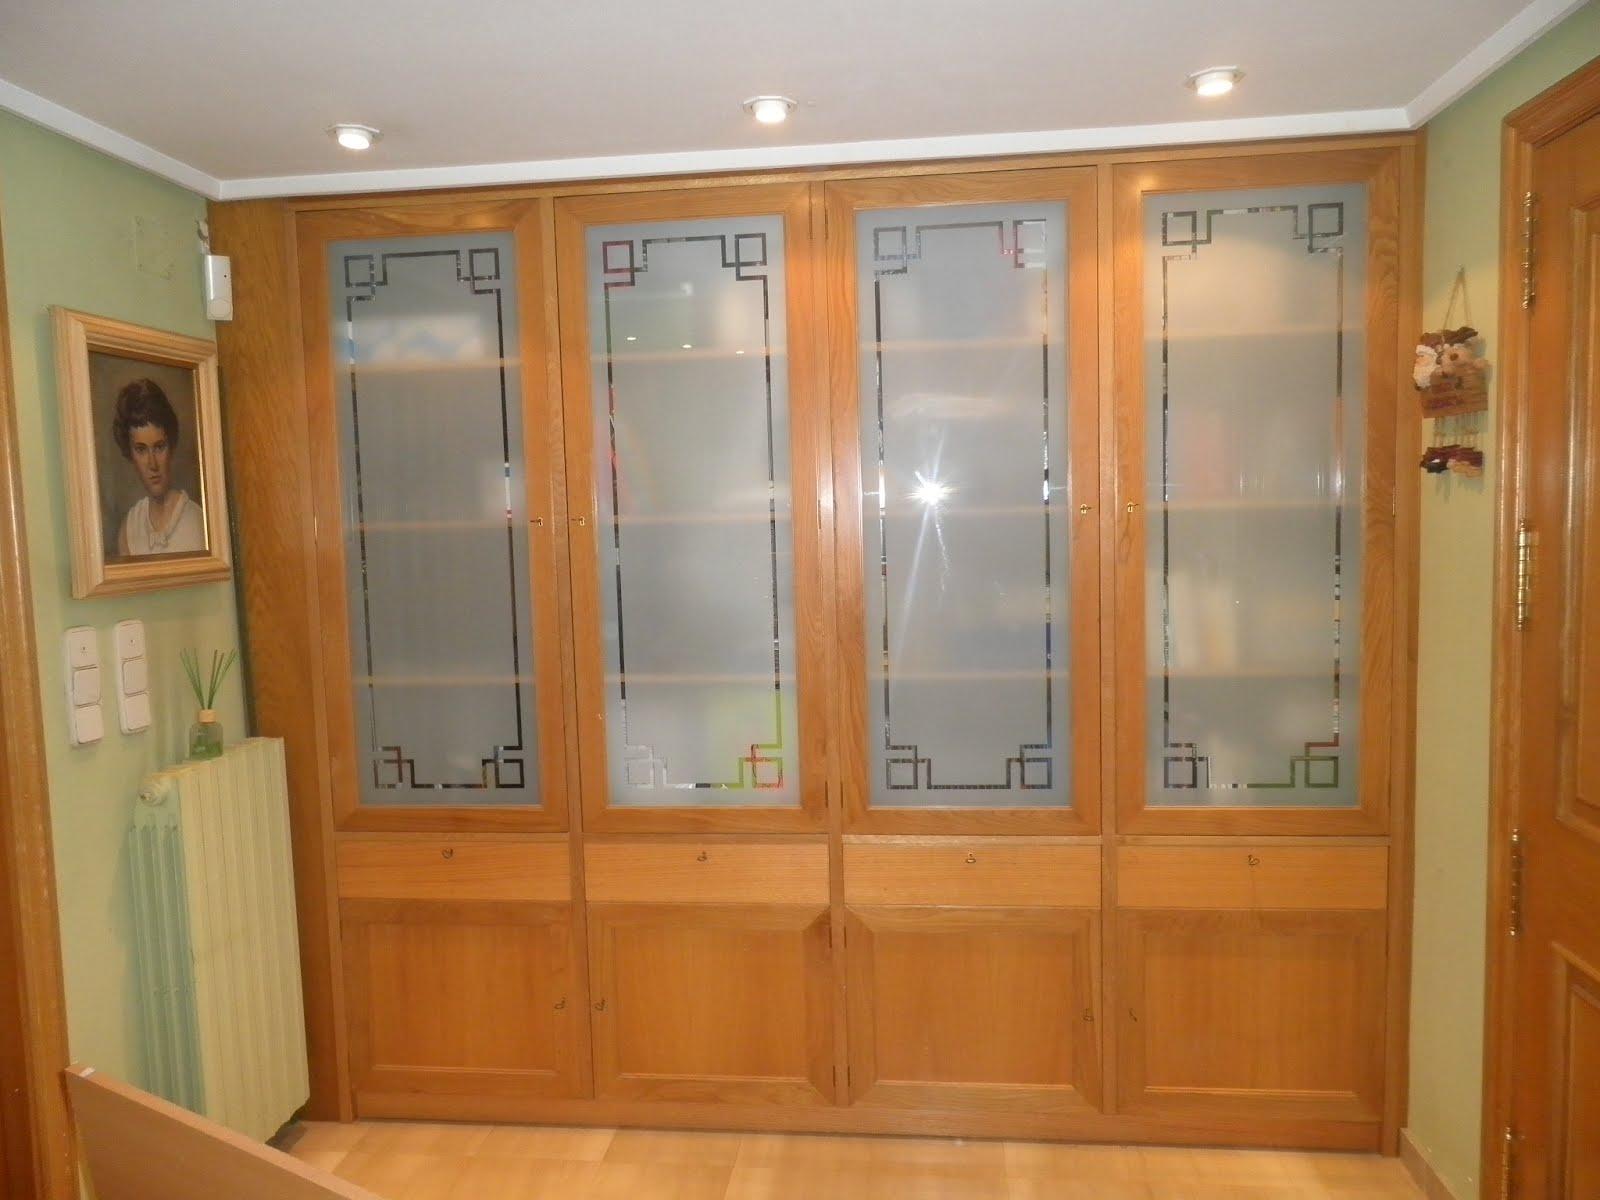 Mueble vitrina con cristal al cido muebles cansado - Cristales al acido para puertas ...